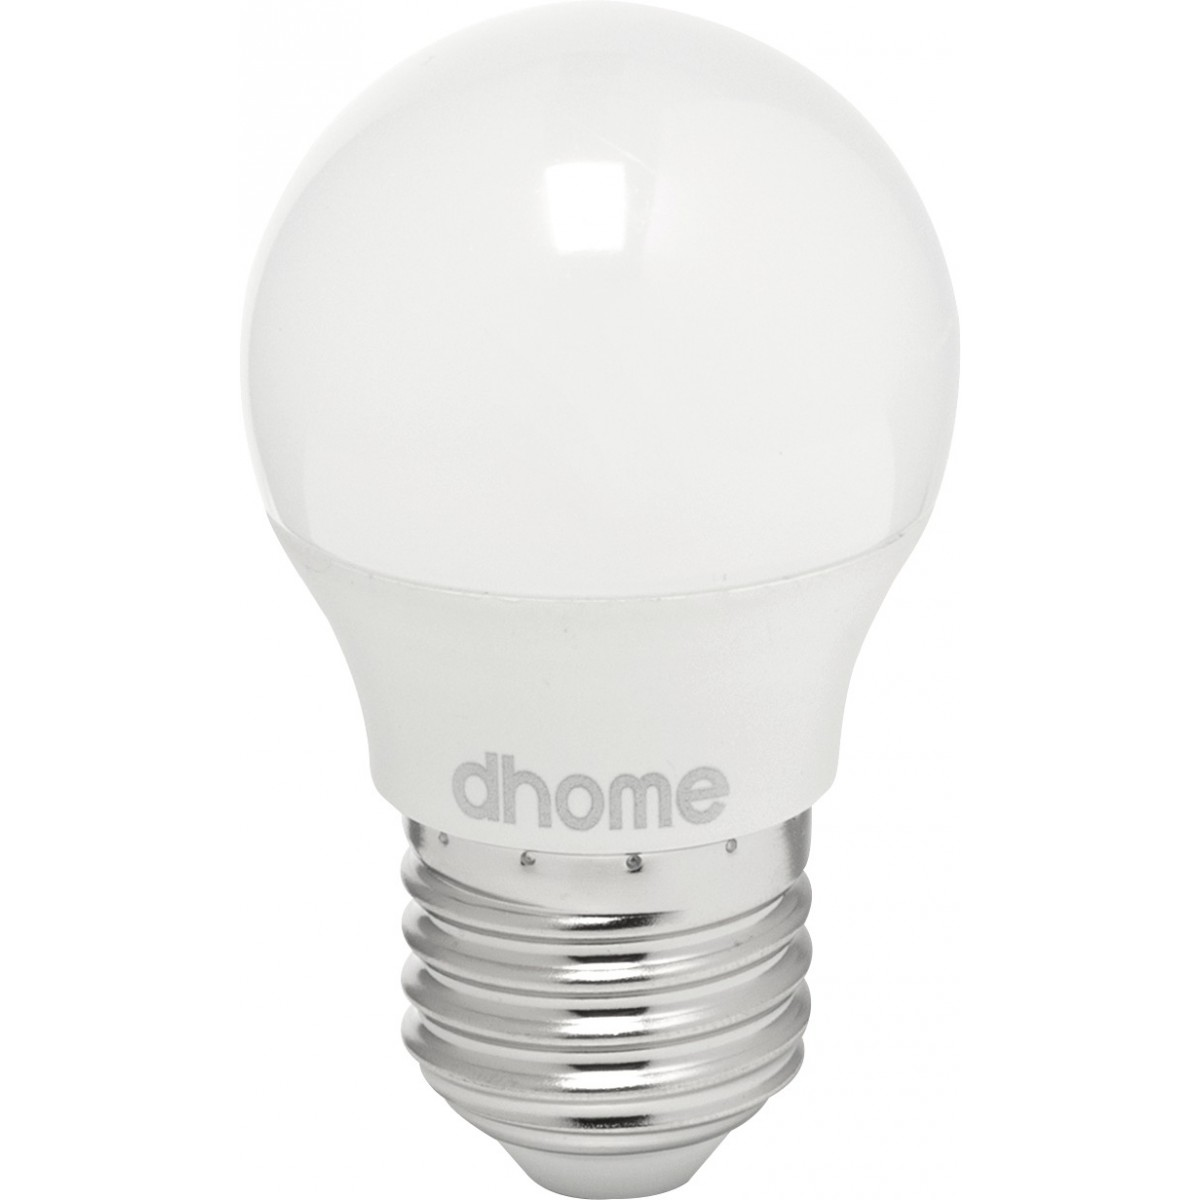 Ampoule LED sphérique E27 dhome - 250 Lumens - 3 W - 2700 K